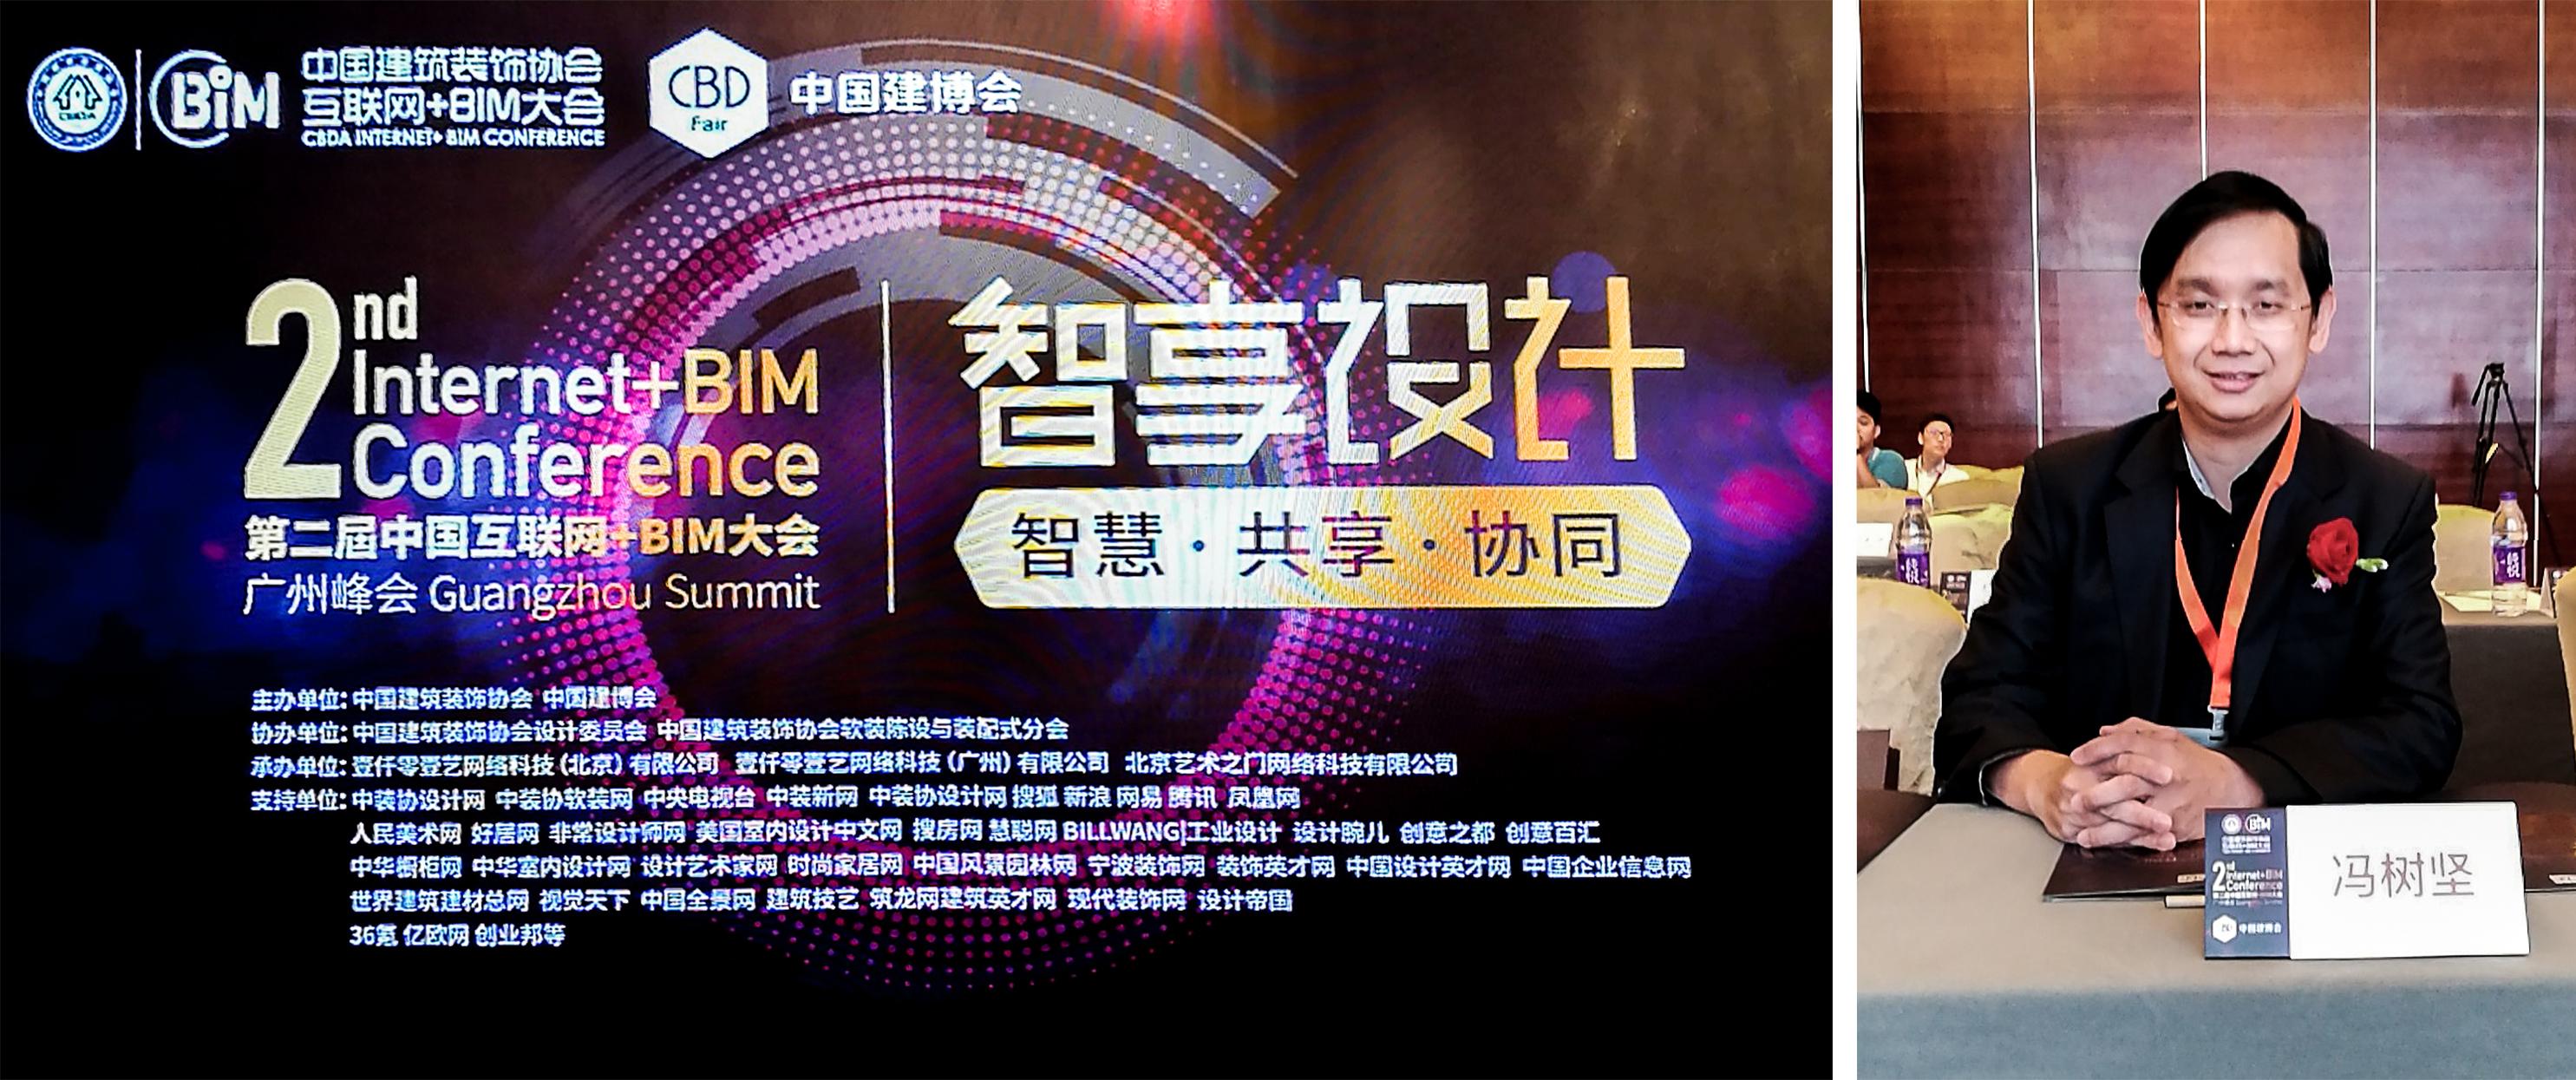 2nd Internet+BIM Conference Guangzhou Summit_05_01